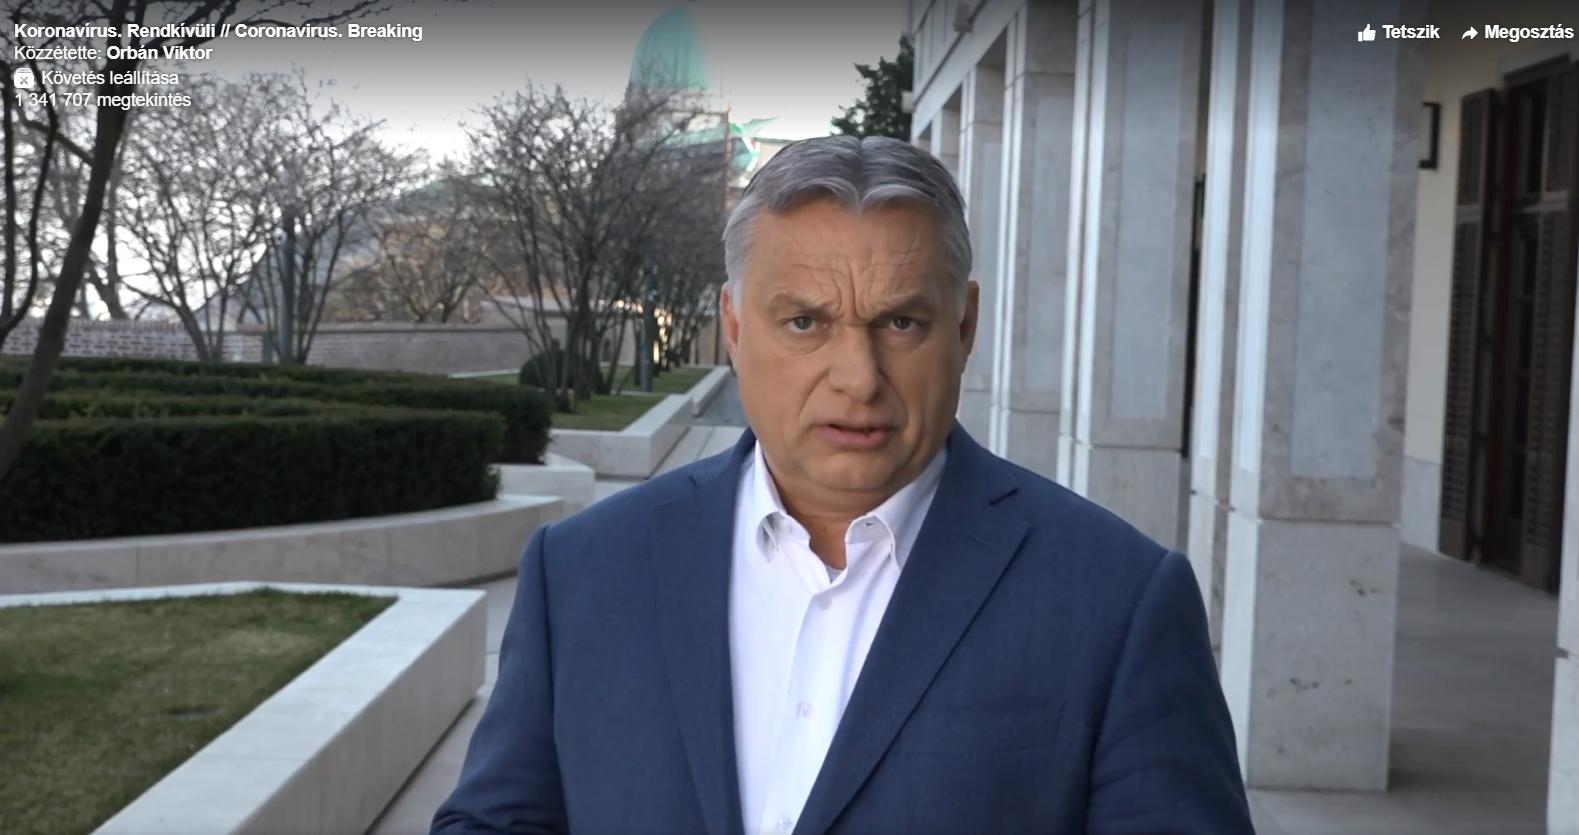 Coronavirus: Orbán kündigt wirtschaftliche Maßnahmen an post's picture